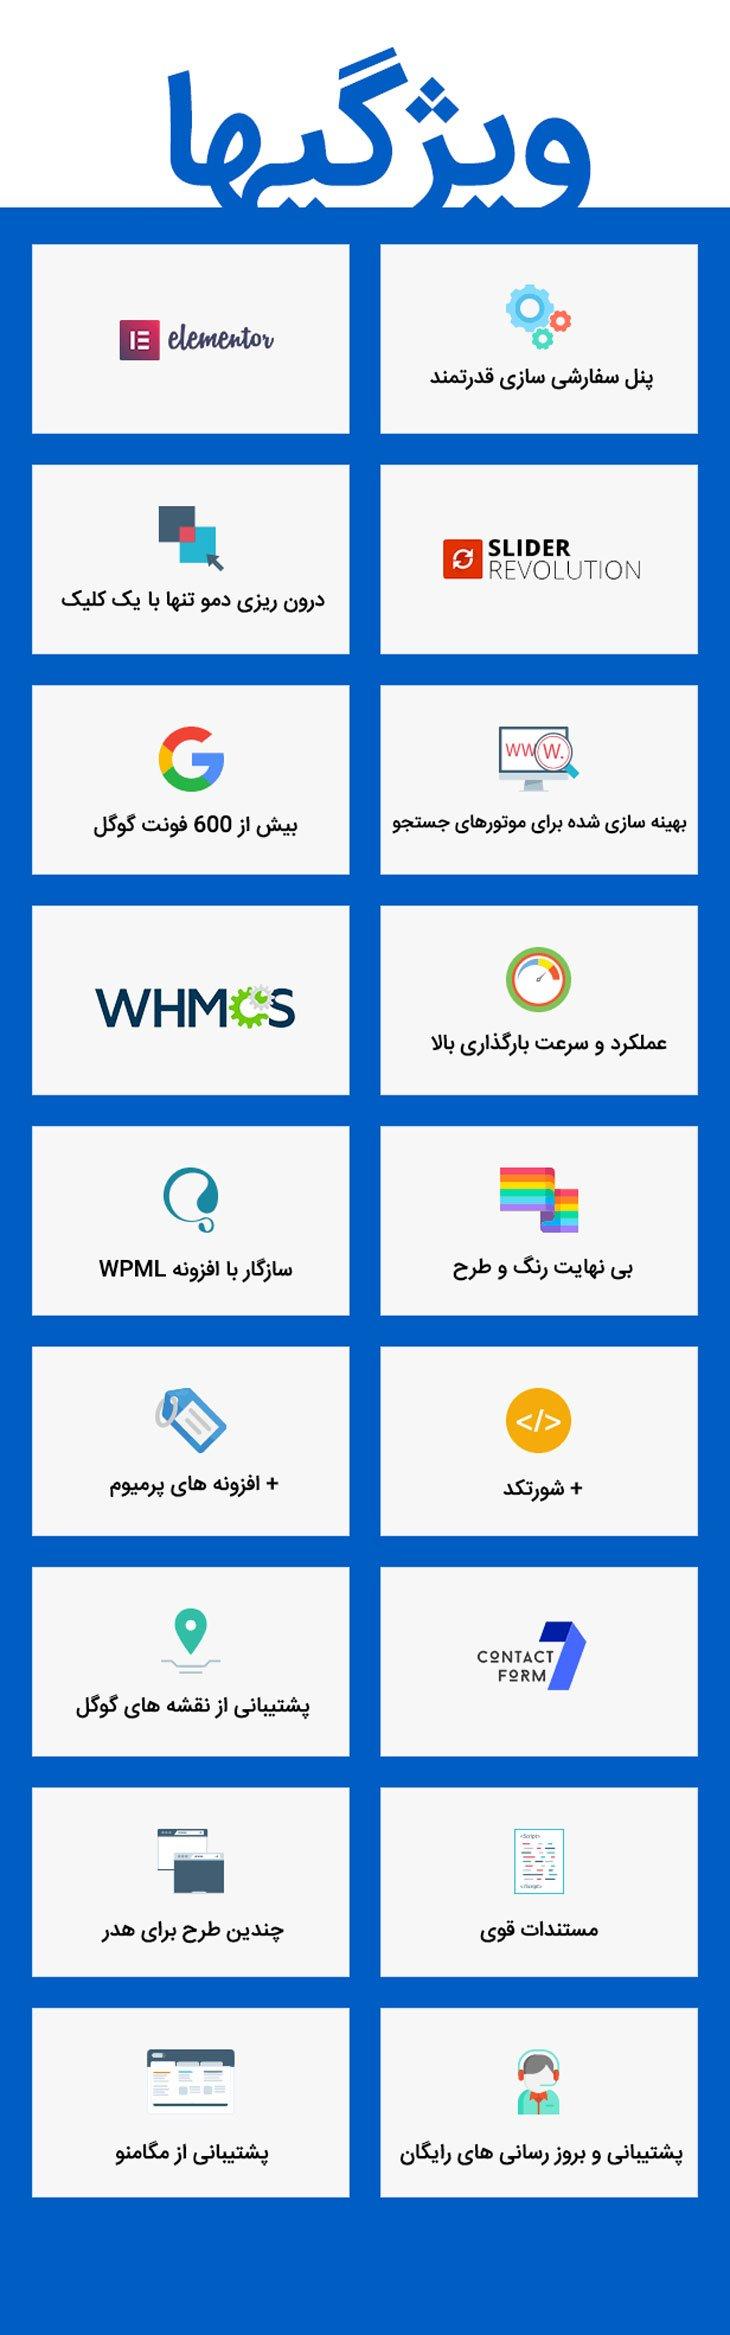 قالب هاستینگ هاستینزا Hostinza | همراه با WHMCS